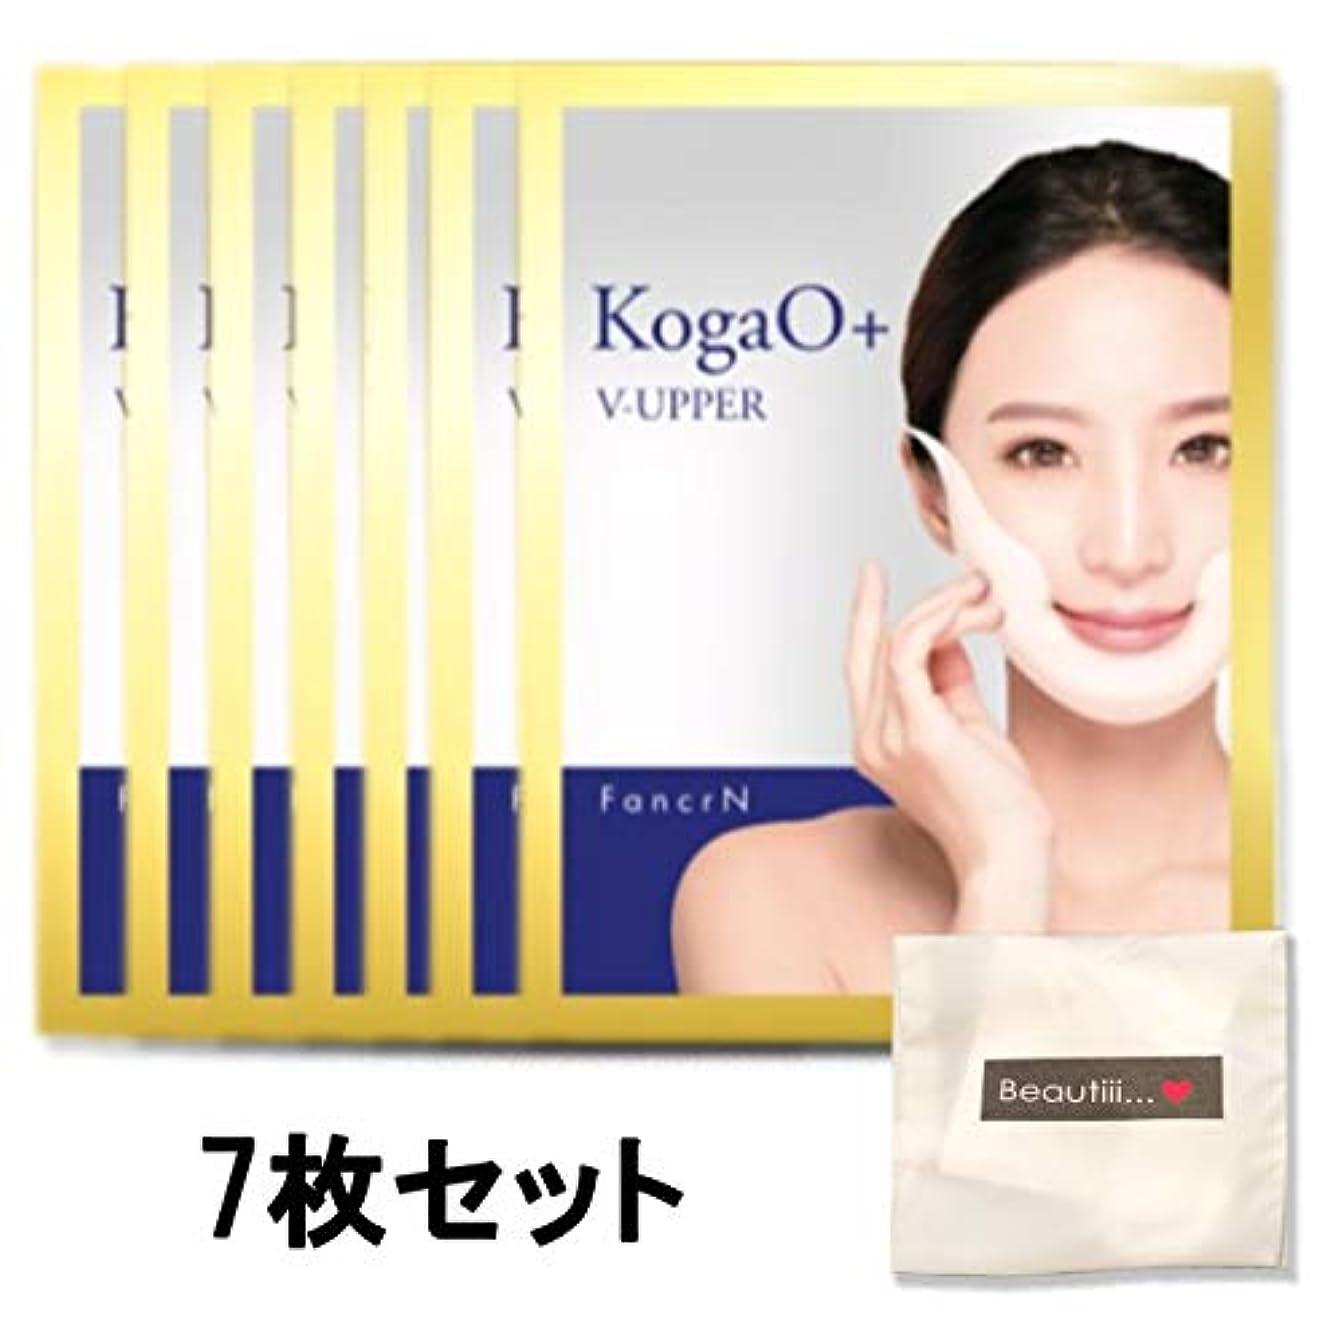 暖かさつらいヒットBeautiiiセット & Kogao+小顔プラス 7枚セット 【ギフトセット】 SNSで話題!大人気!